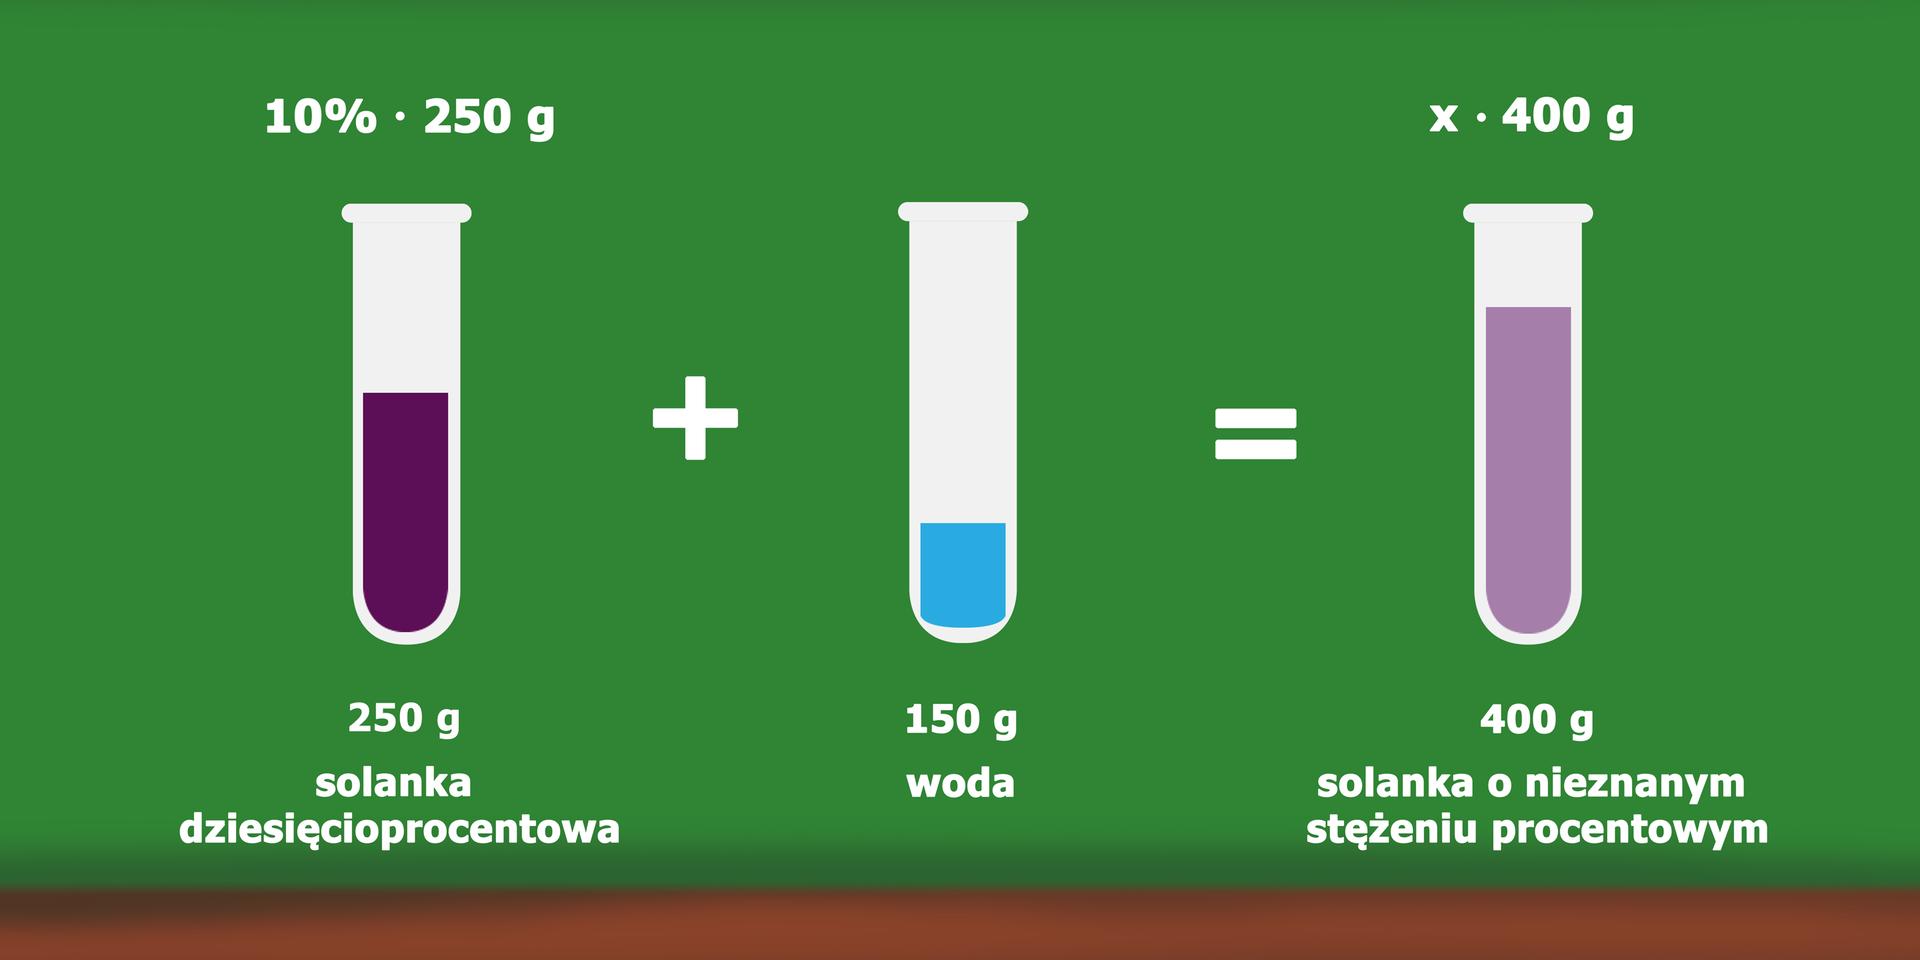 Rysunek trzech probówek. Pierwsza probówka zawiera 250 gramów solanki dziesięcioprocentowej (10% razy 250 g). Druga probówka zawiera 150 gramów wody. Zawartość tych probówek zmieszano wtrzeciej probówce. Otrzymano xrazy 400 gramów solanki onieznanym stężeniu.